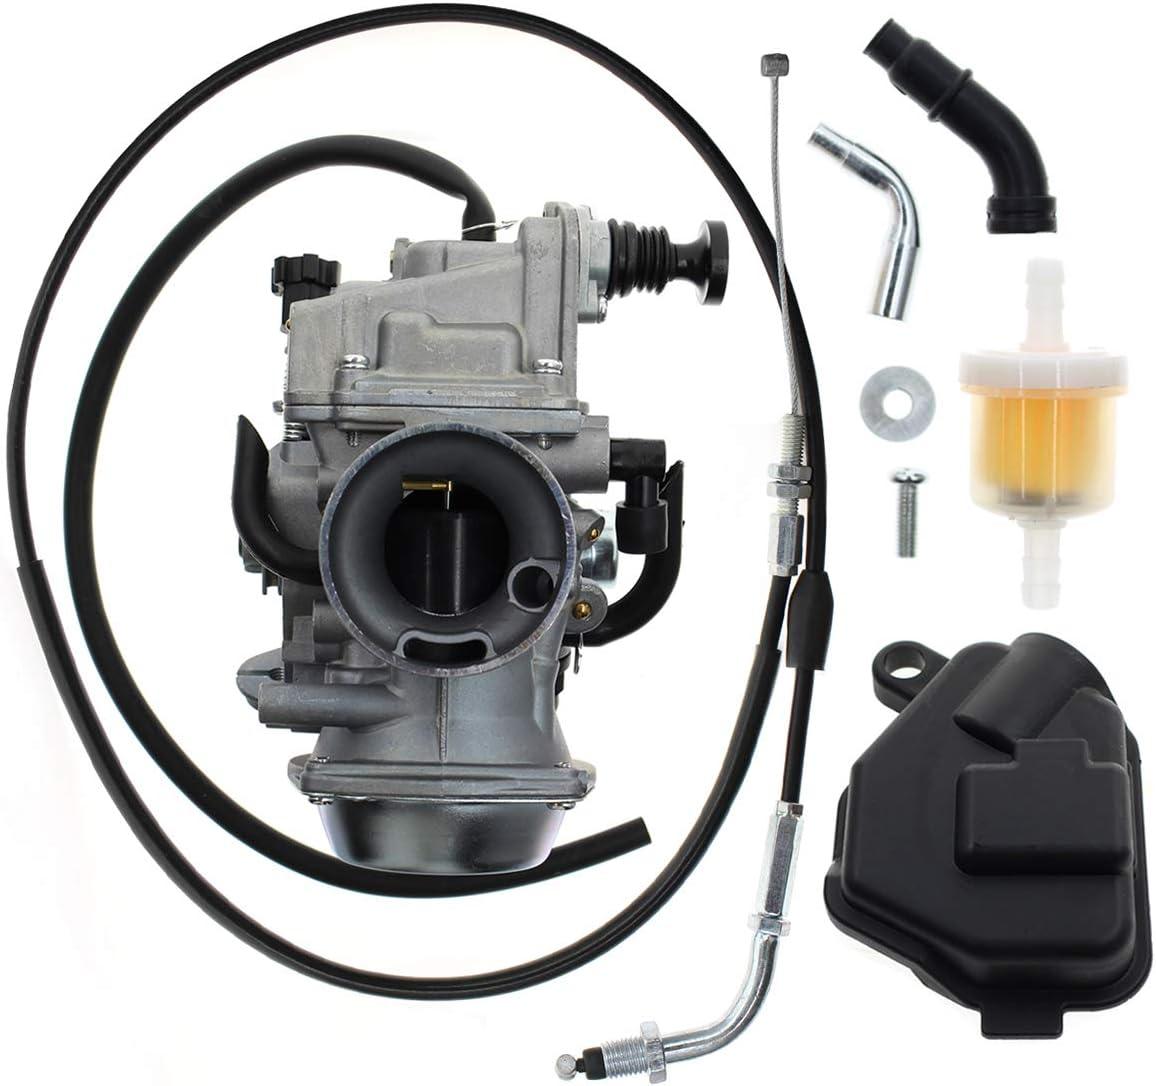 Carbhub Carburador para Honda Fourtrax 300 350 Foreman 400 450 Rancher 350 Carb, Honda Fourtrax 300 Carburador, Honda Foreman 450 Carburador, Honda ...